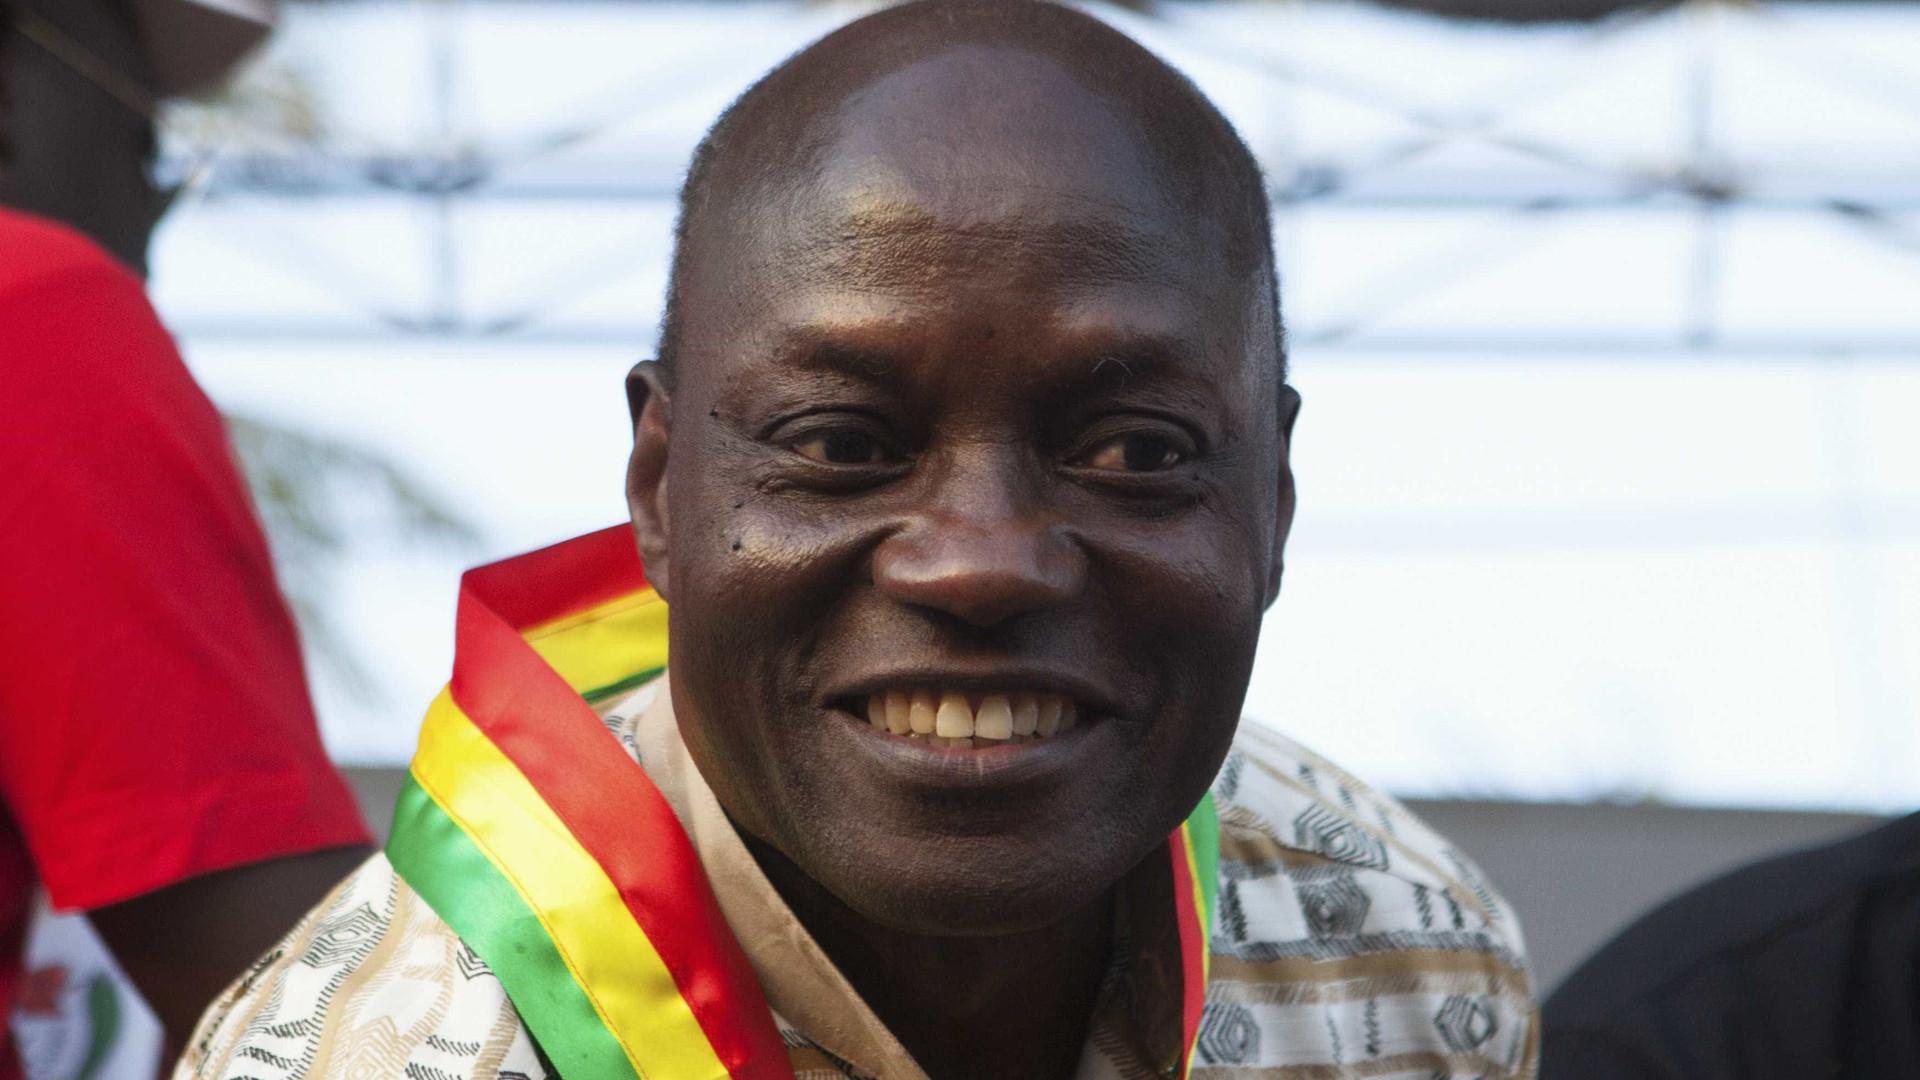 Força militar da África Ocidental garante segurança em marcha na Guiné-Bissau